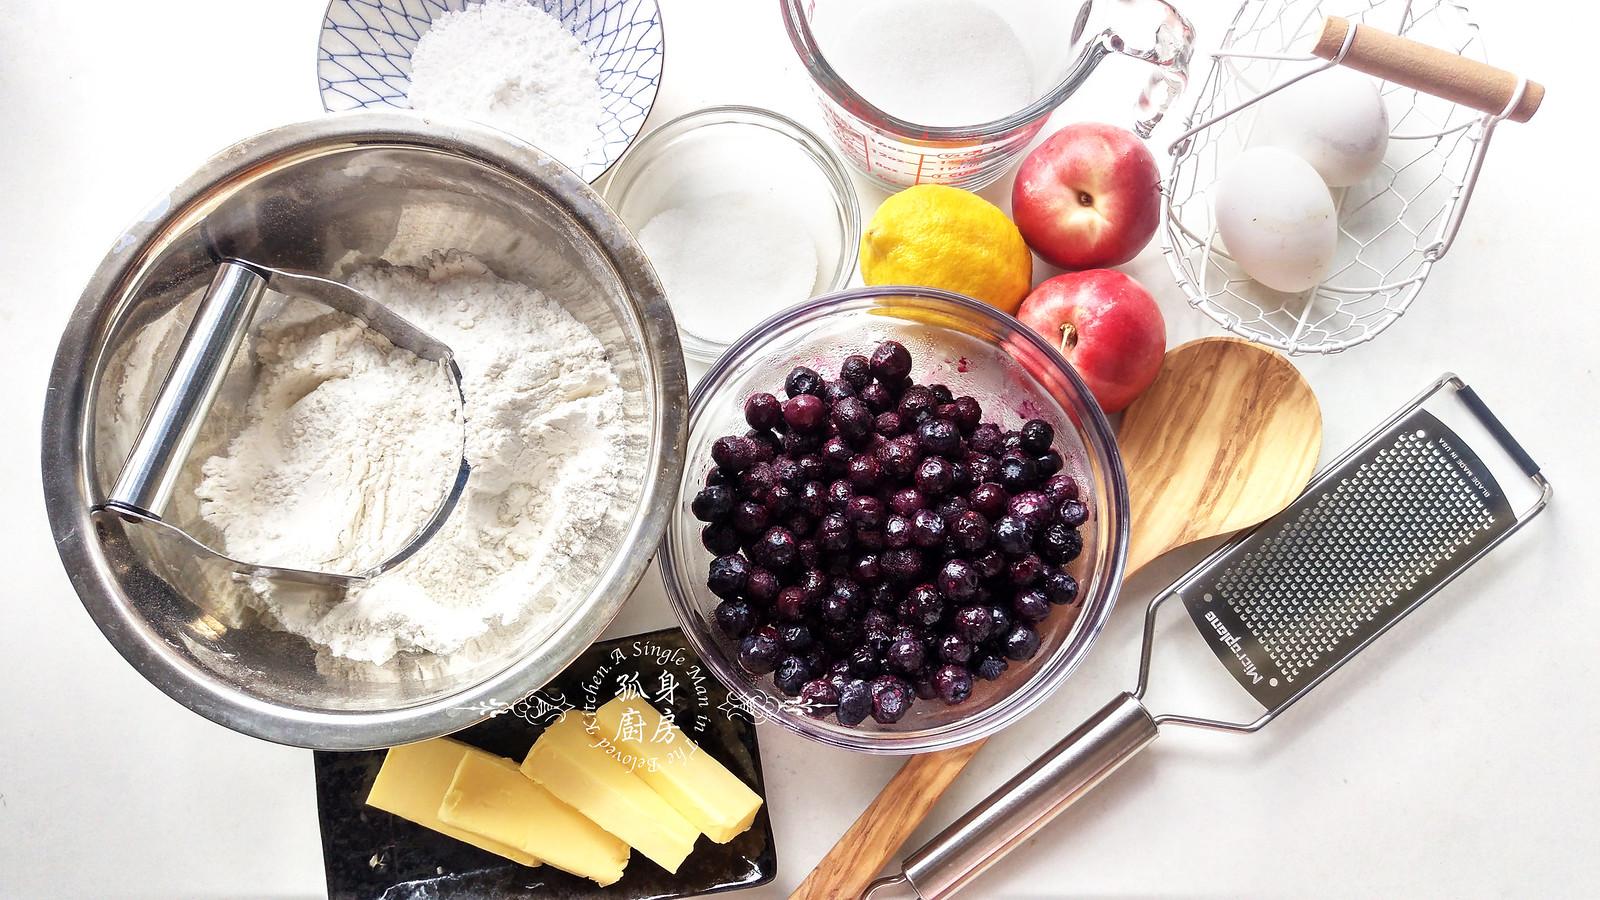 孤身廚房-藍莓甜桃法式烘餅Blueberry-Nectarin Galette3